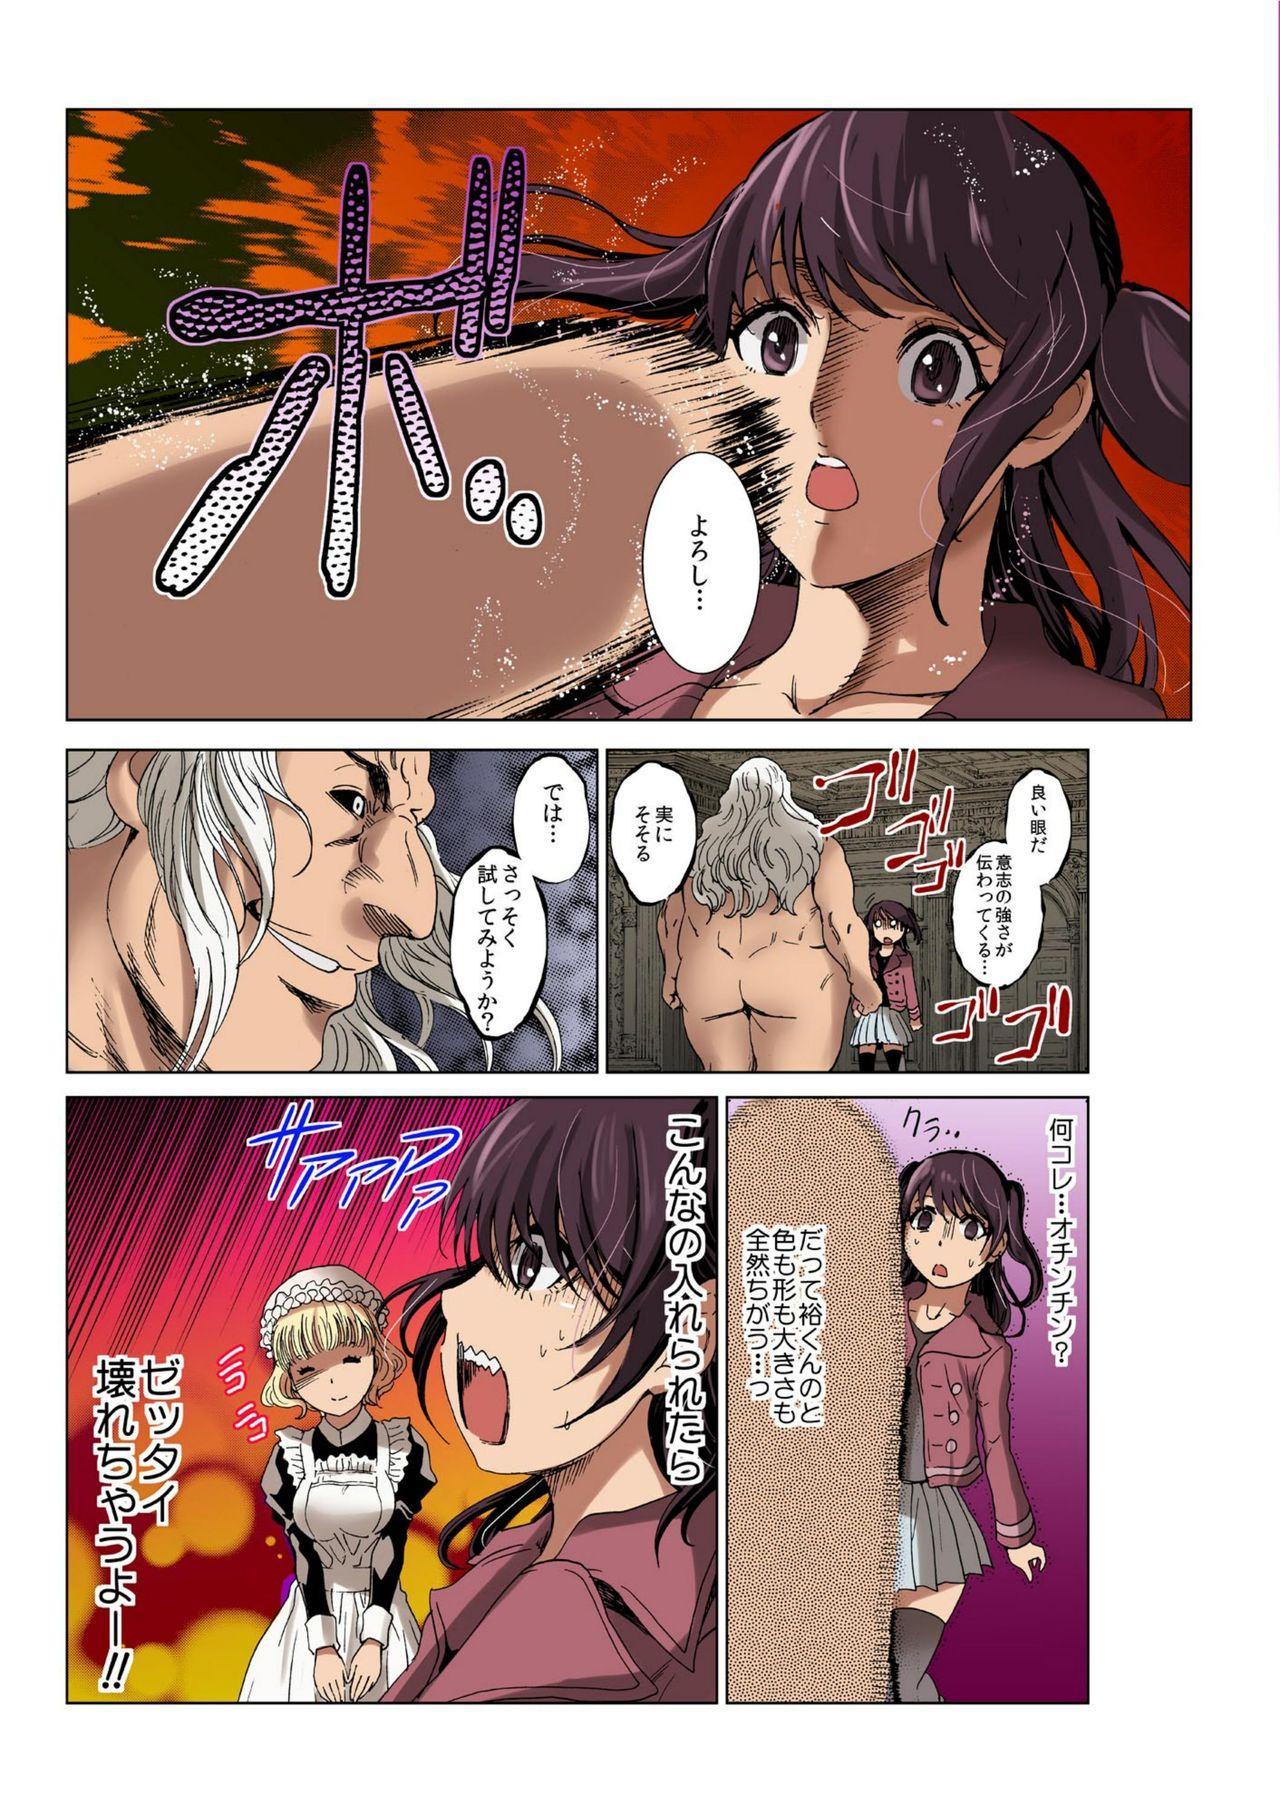 [Rurukichi] Seishi ga Kane ni Naru Jidai ~Mesubuta ga Muragaru Ore-sama no Kokan~ 1 45